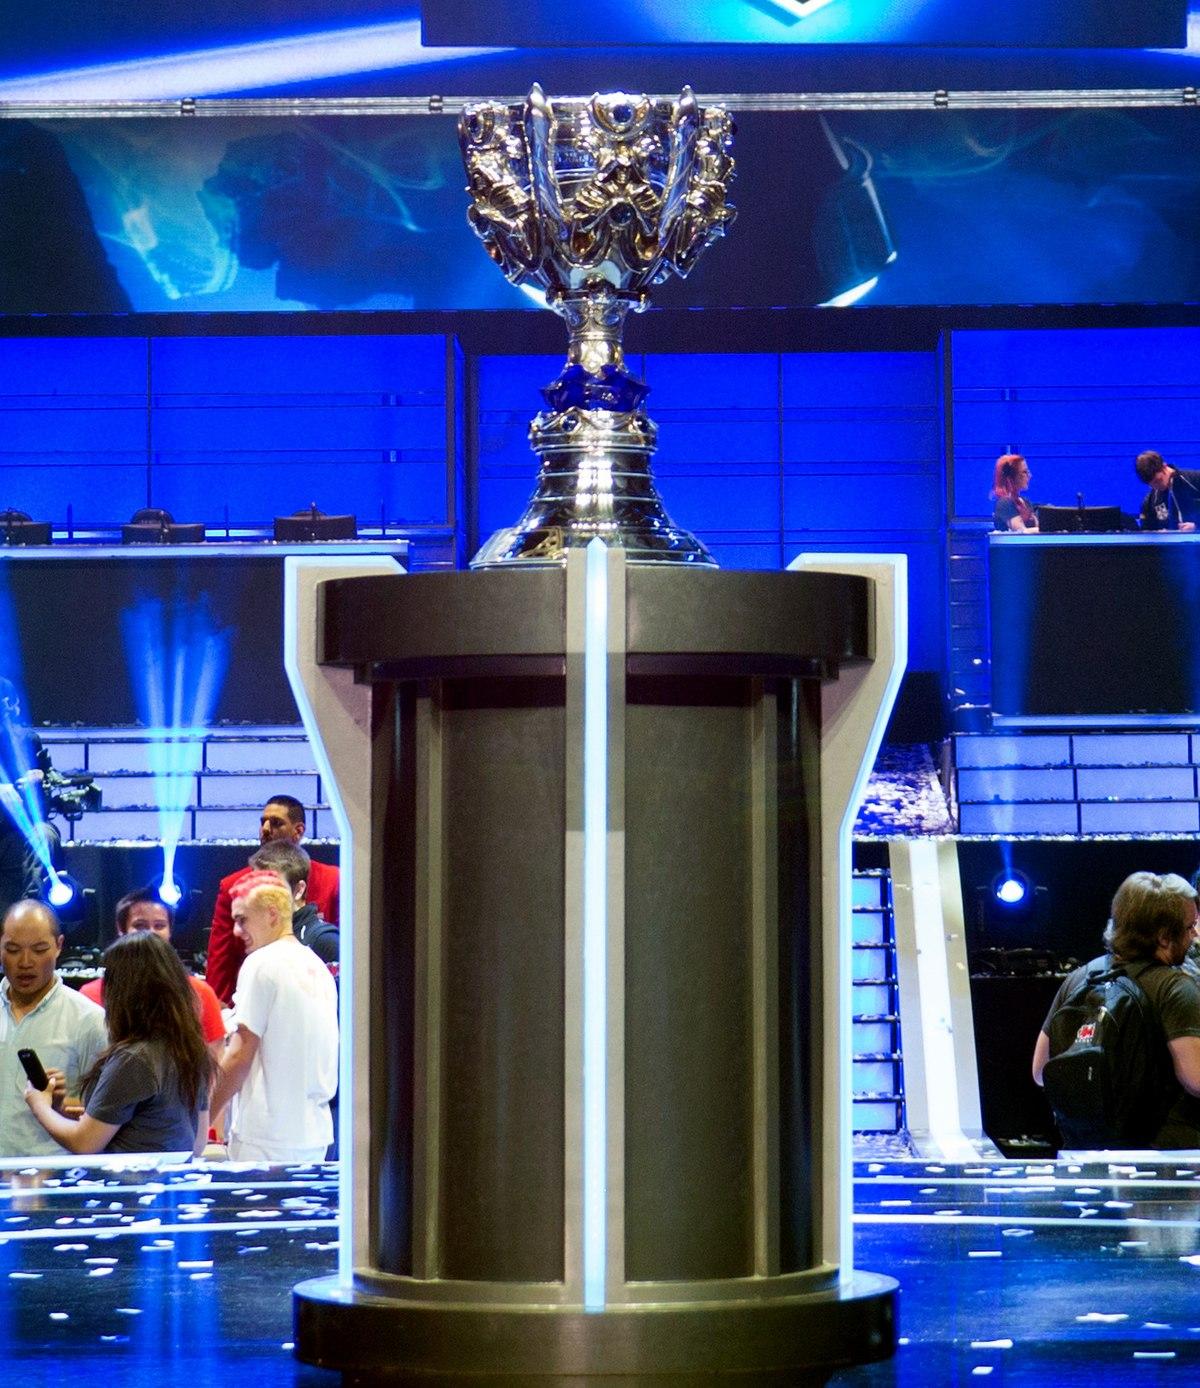 Campionato mondiale di League of Legends - Wikipedia